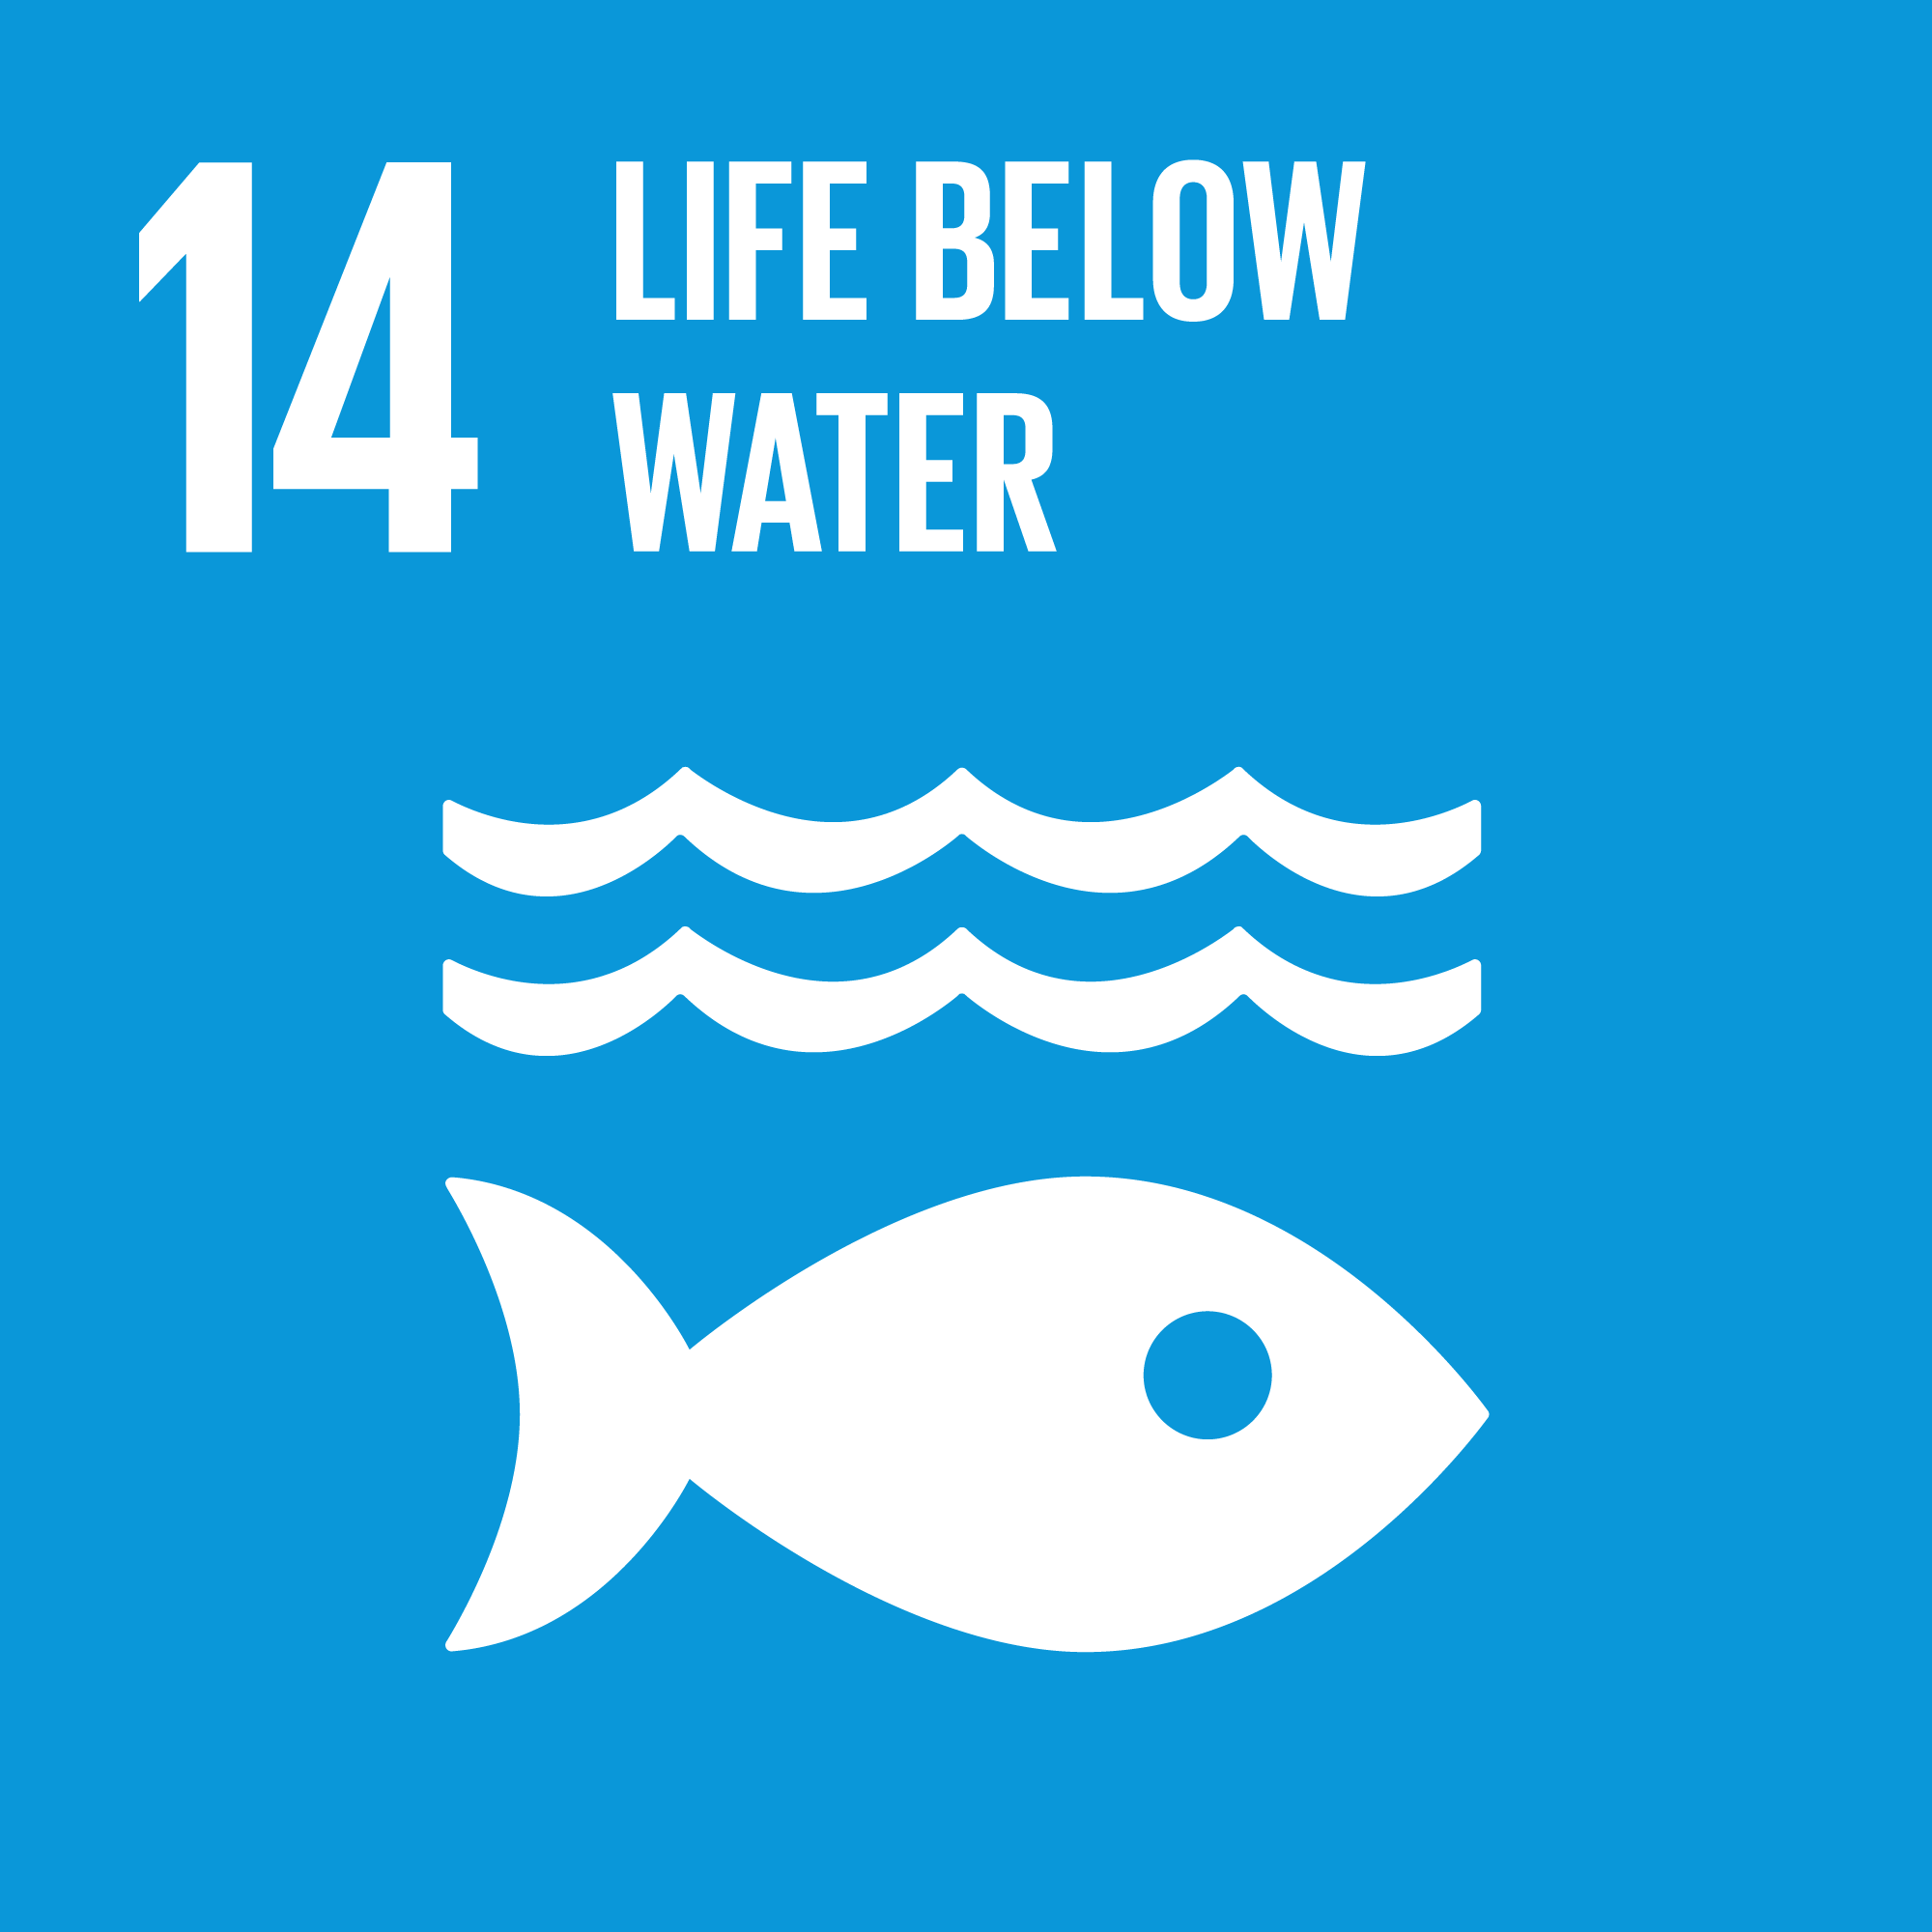 Global Goal 14 Life below water